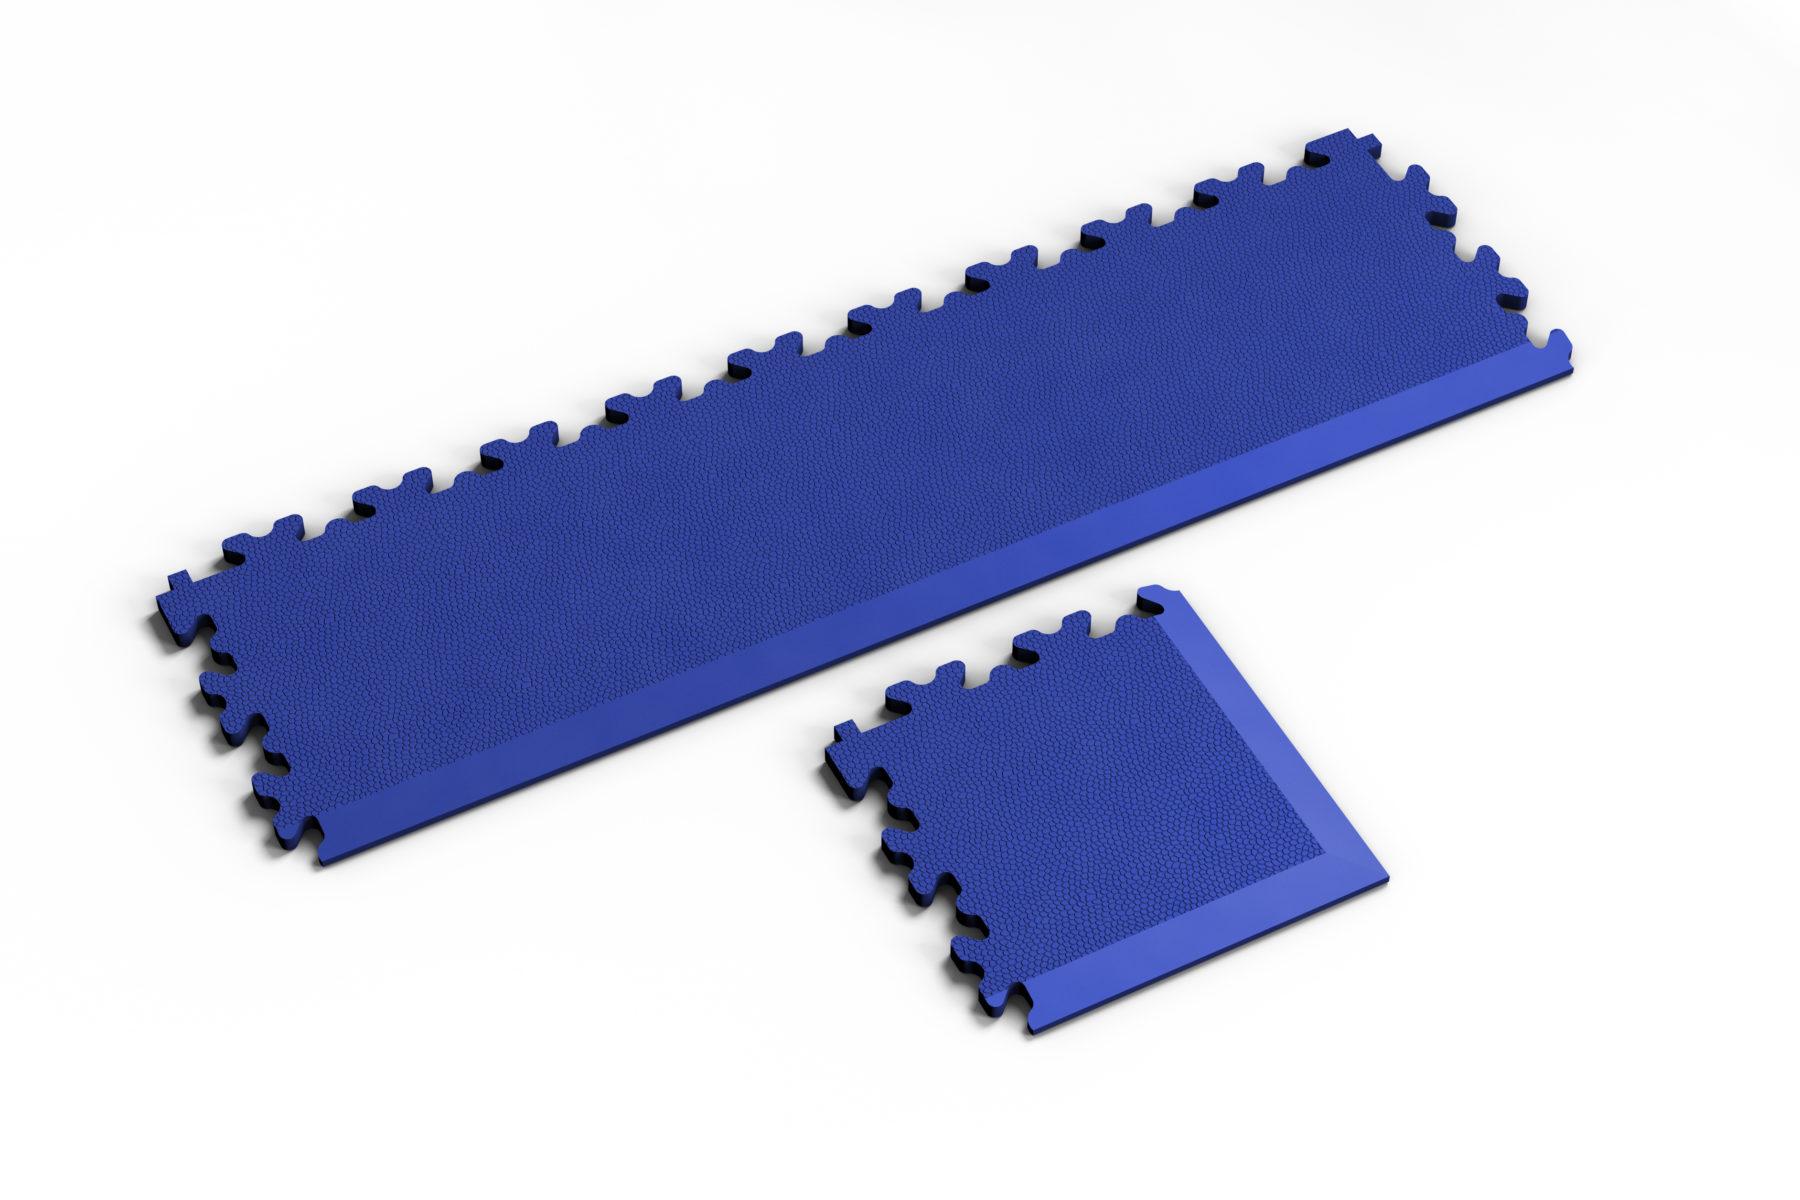 pvc-fliese-boden-platte-jp-mechanic-rampe-ecke-blau-lederstruktur-industrie-mechanik